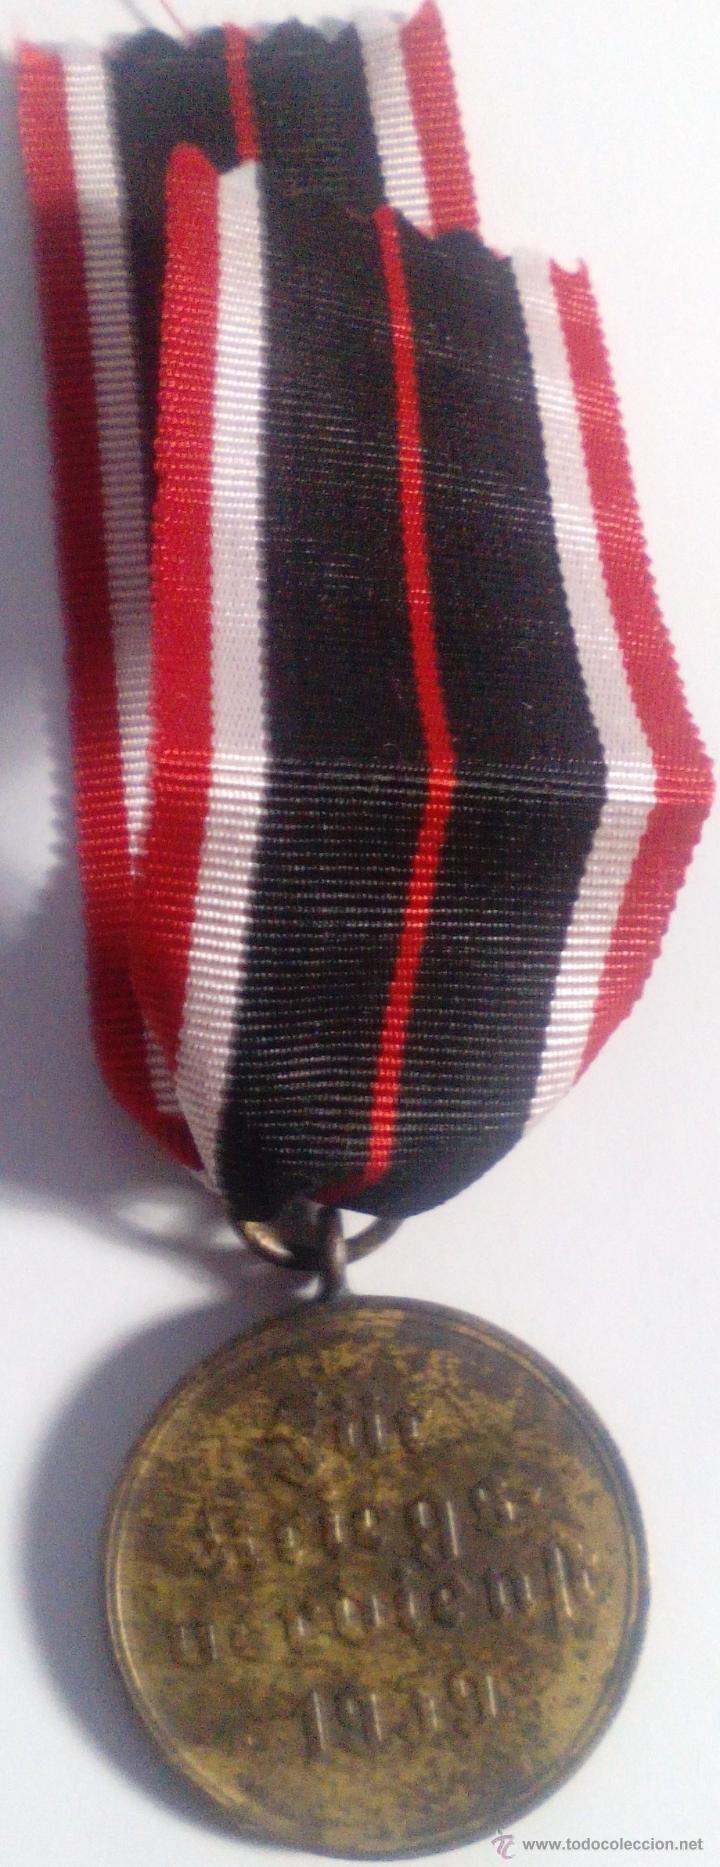 Militaria: Medalla de la Cruz al Mérito de Guerra. Alemania. 1940-1945. 2ª Guerra Mundial. ORIGINAL - Foto 2 - 54139777